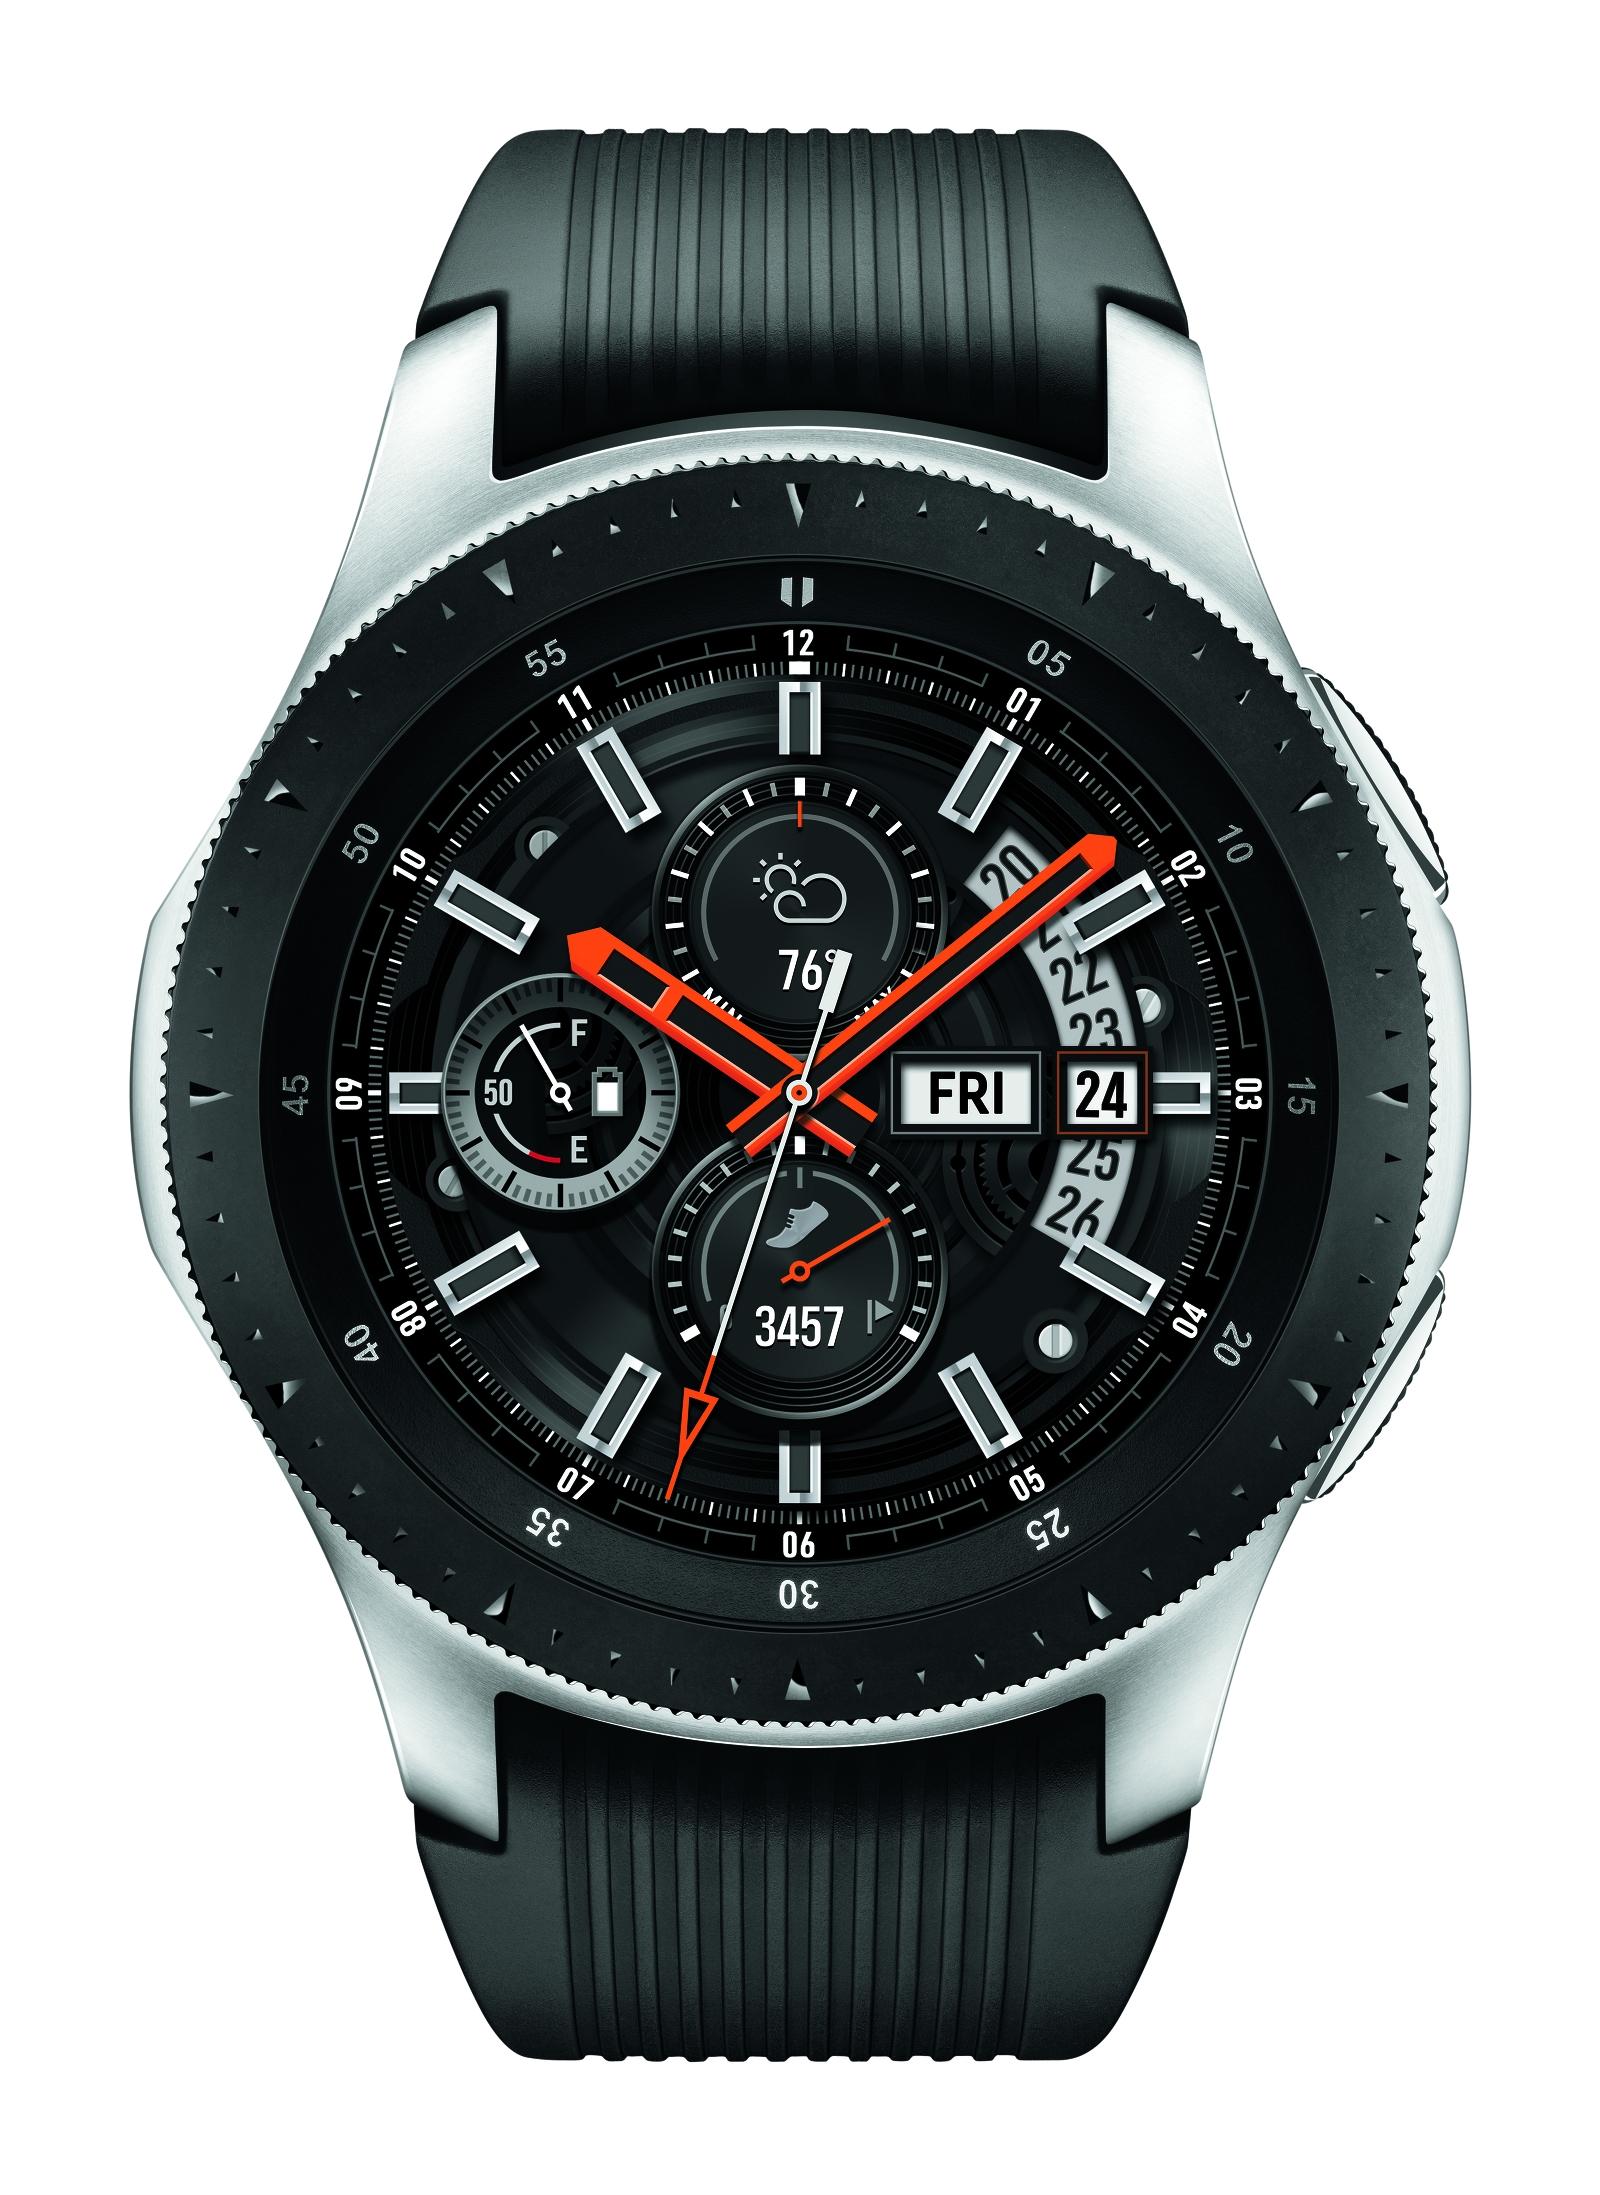 Silver Samsung Galaxy Watch - 46mm LTE | Samsung US